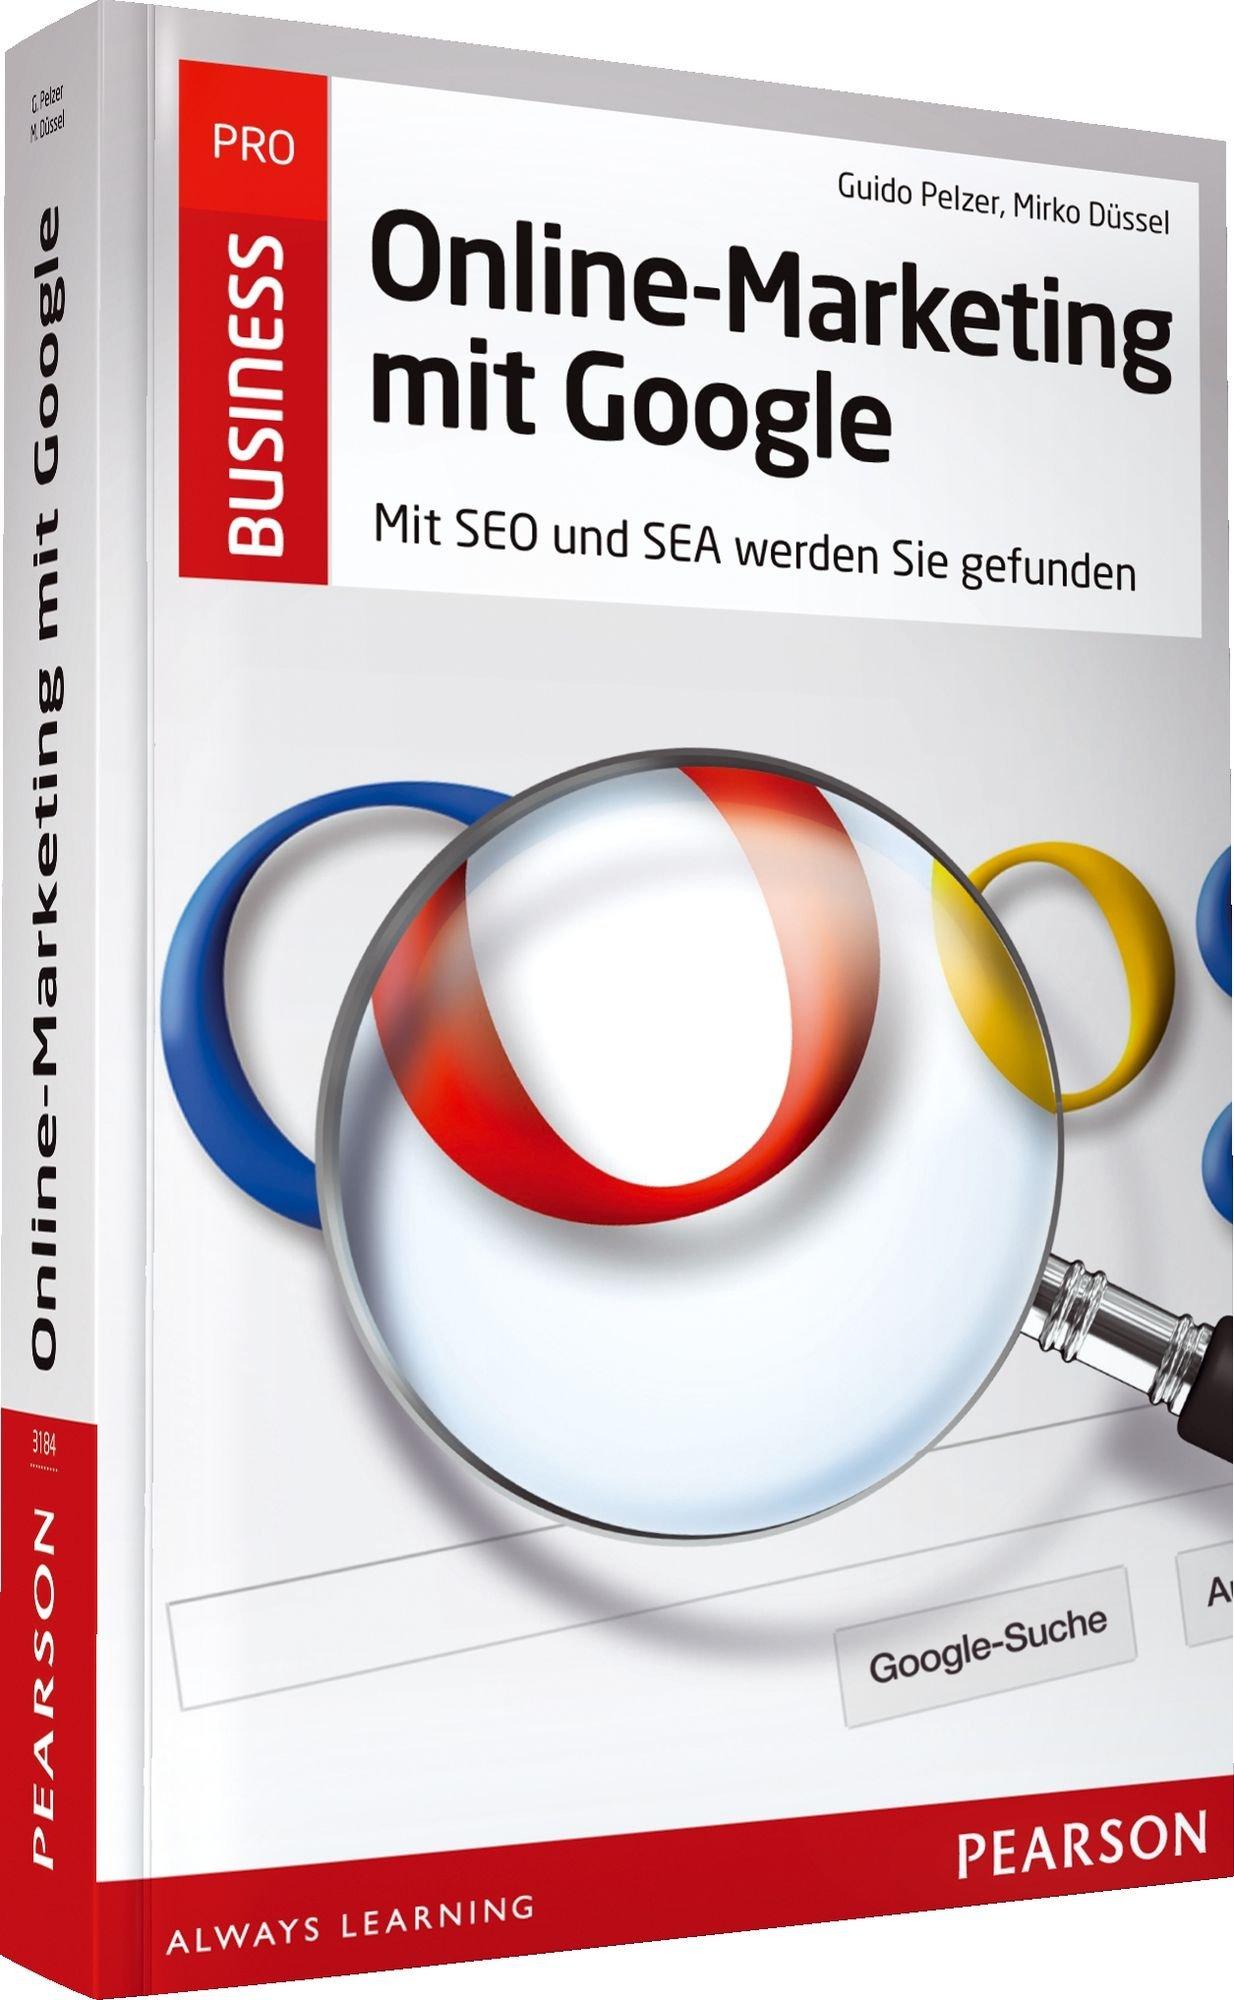 Online-Marketing mit Google - Mit SEO und SEA werden Sie gefunden (Pearson Business)